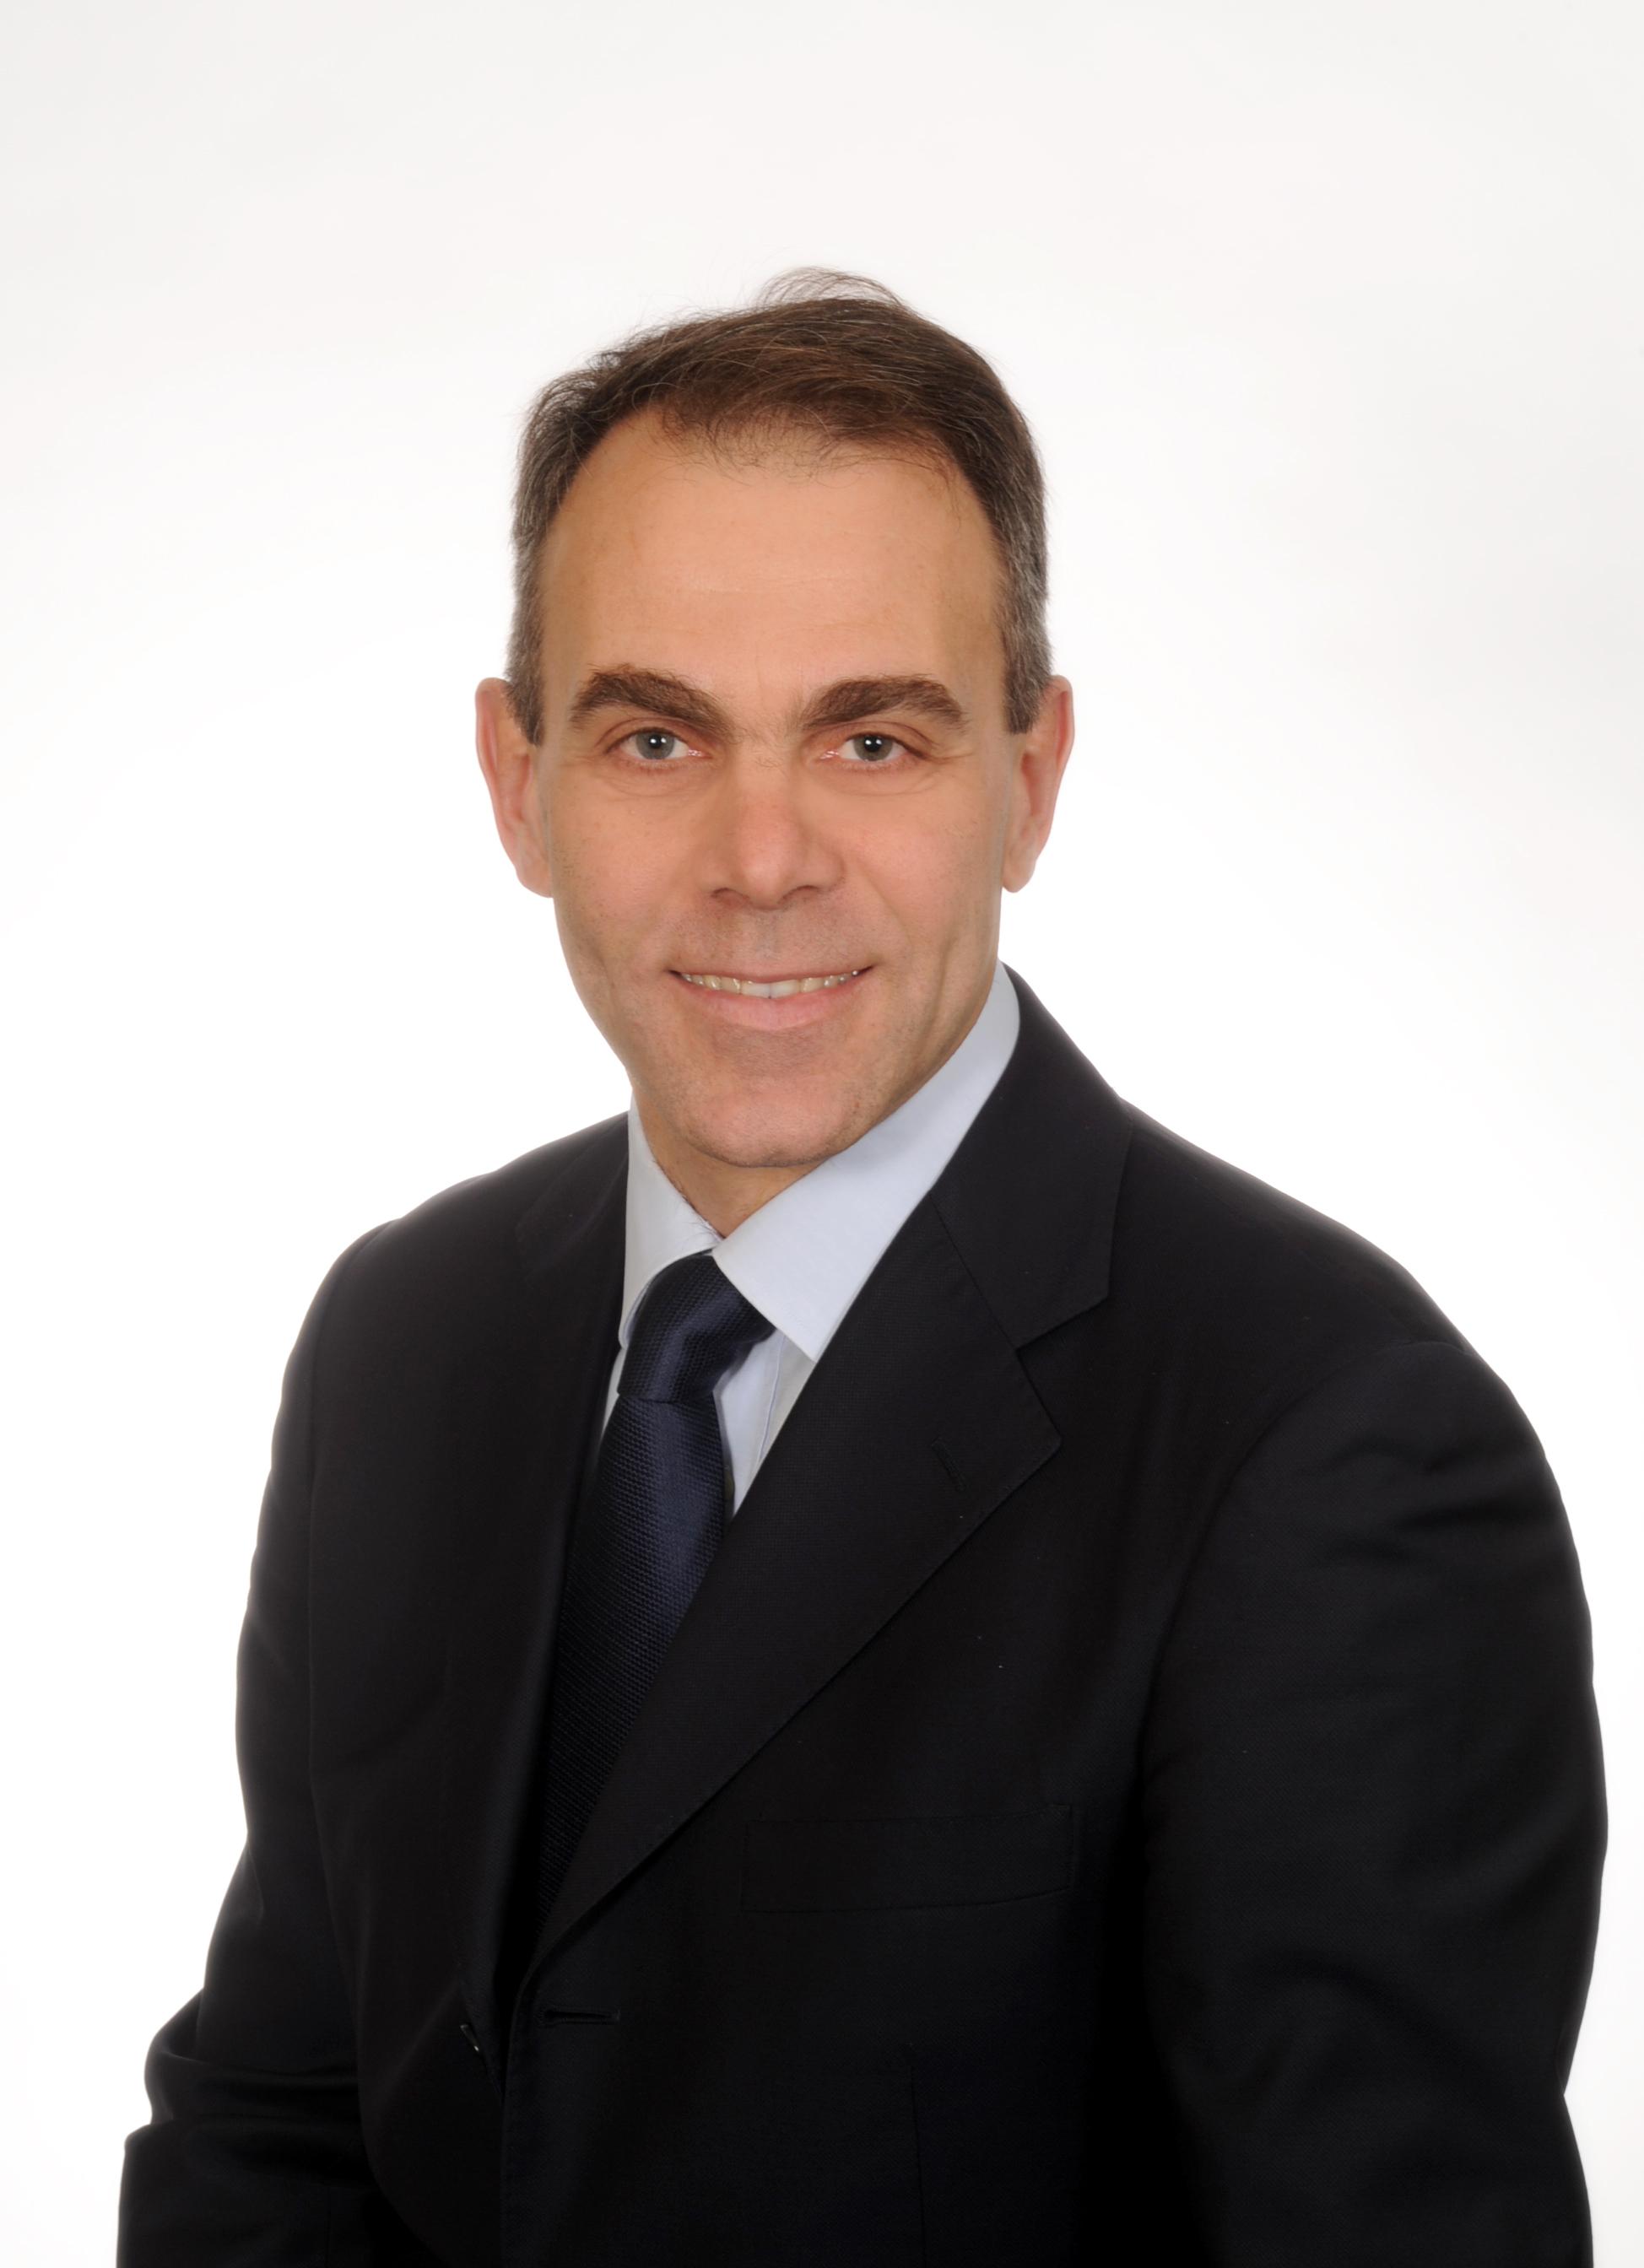 Mr Ioannis Virlos